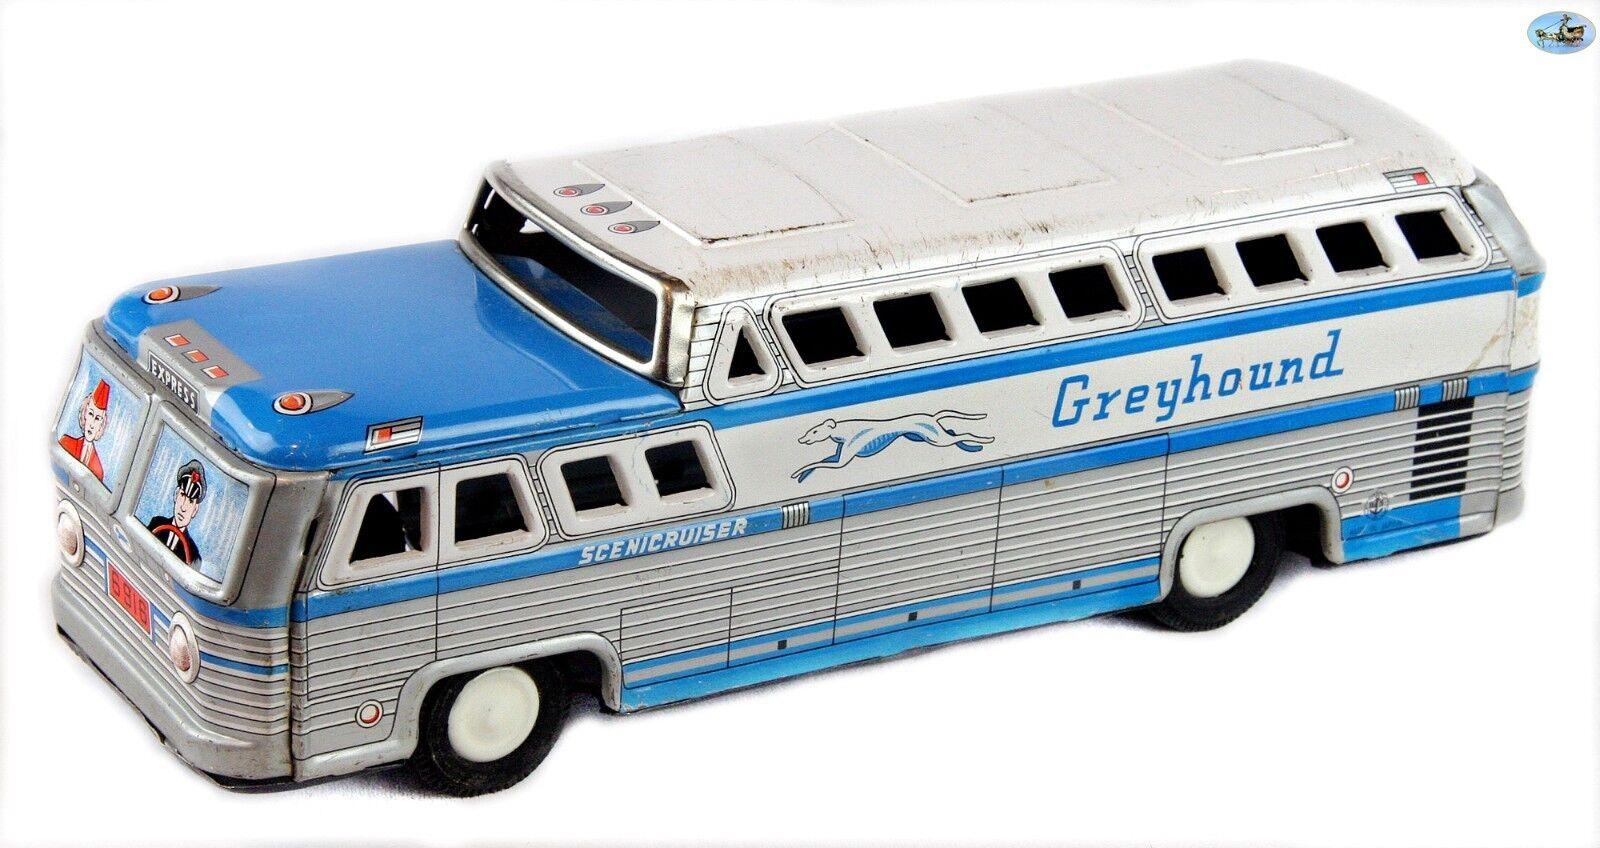 tiendas minoristas 1950s 1950s 1950s impresionante japonés Utaka Galgo Scenic Crucero Express 6916 Bus De Juguete  compra en línea hoy